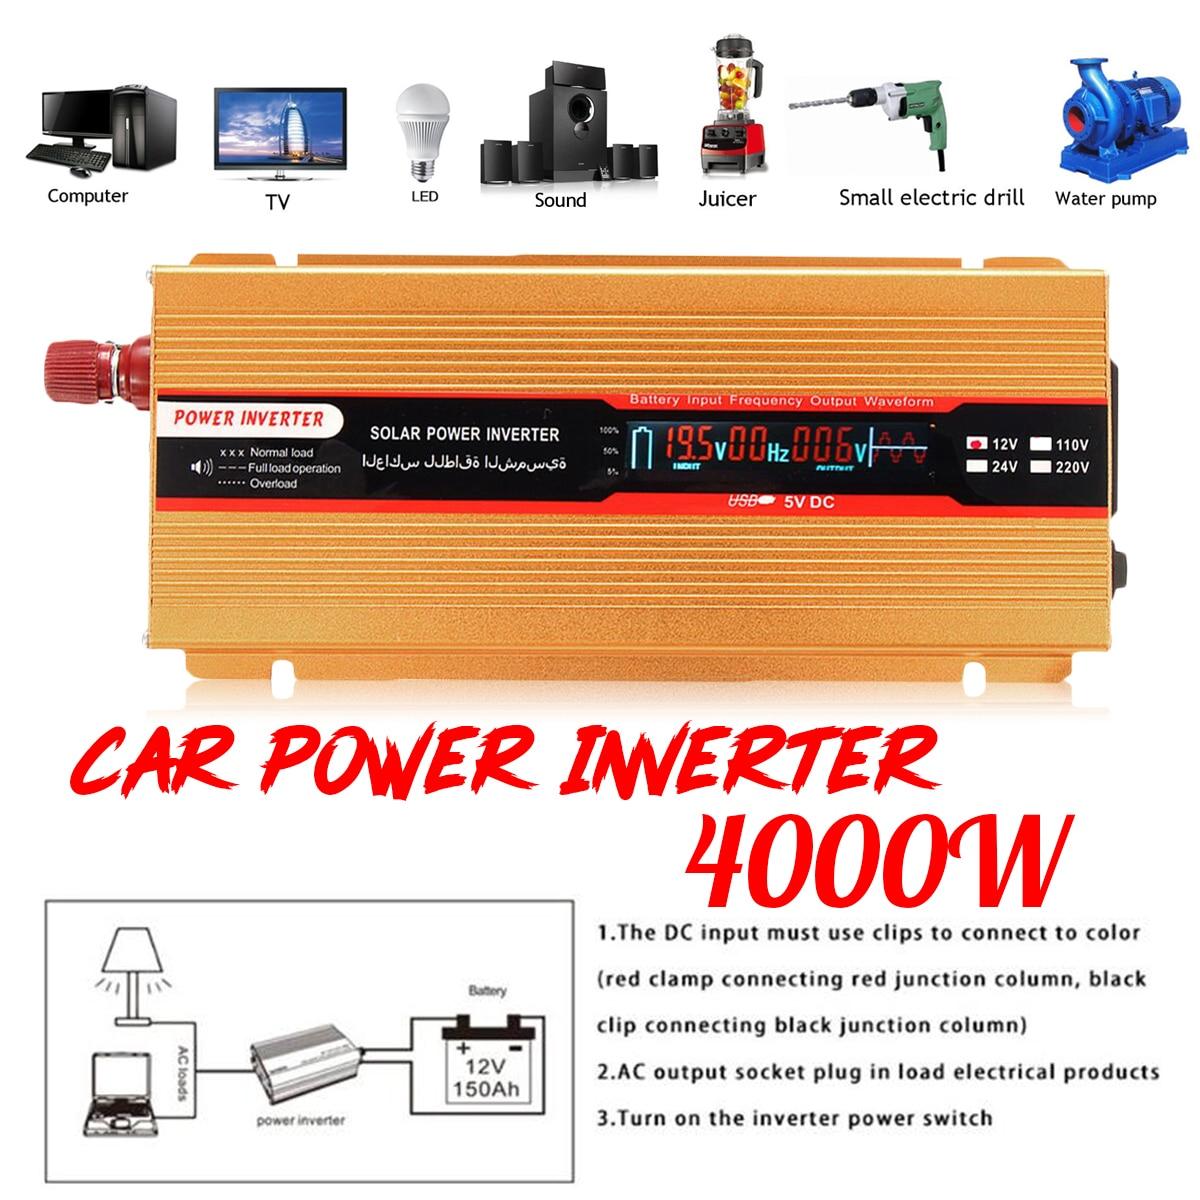 PEAK 4000W USB Modified Sine Wave Converter 12/24V To AC 220/110V Car Power Inverter Voltage Transformer for Various Appliances peak 5000w 12 24v to ac 220 110v car power inverter usb modified sine wave converter voltage transformer for various appliances